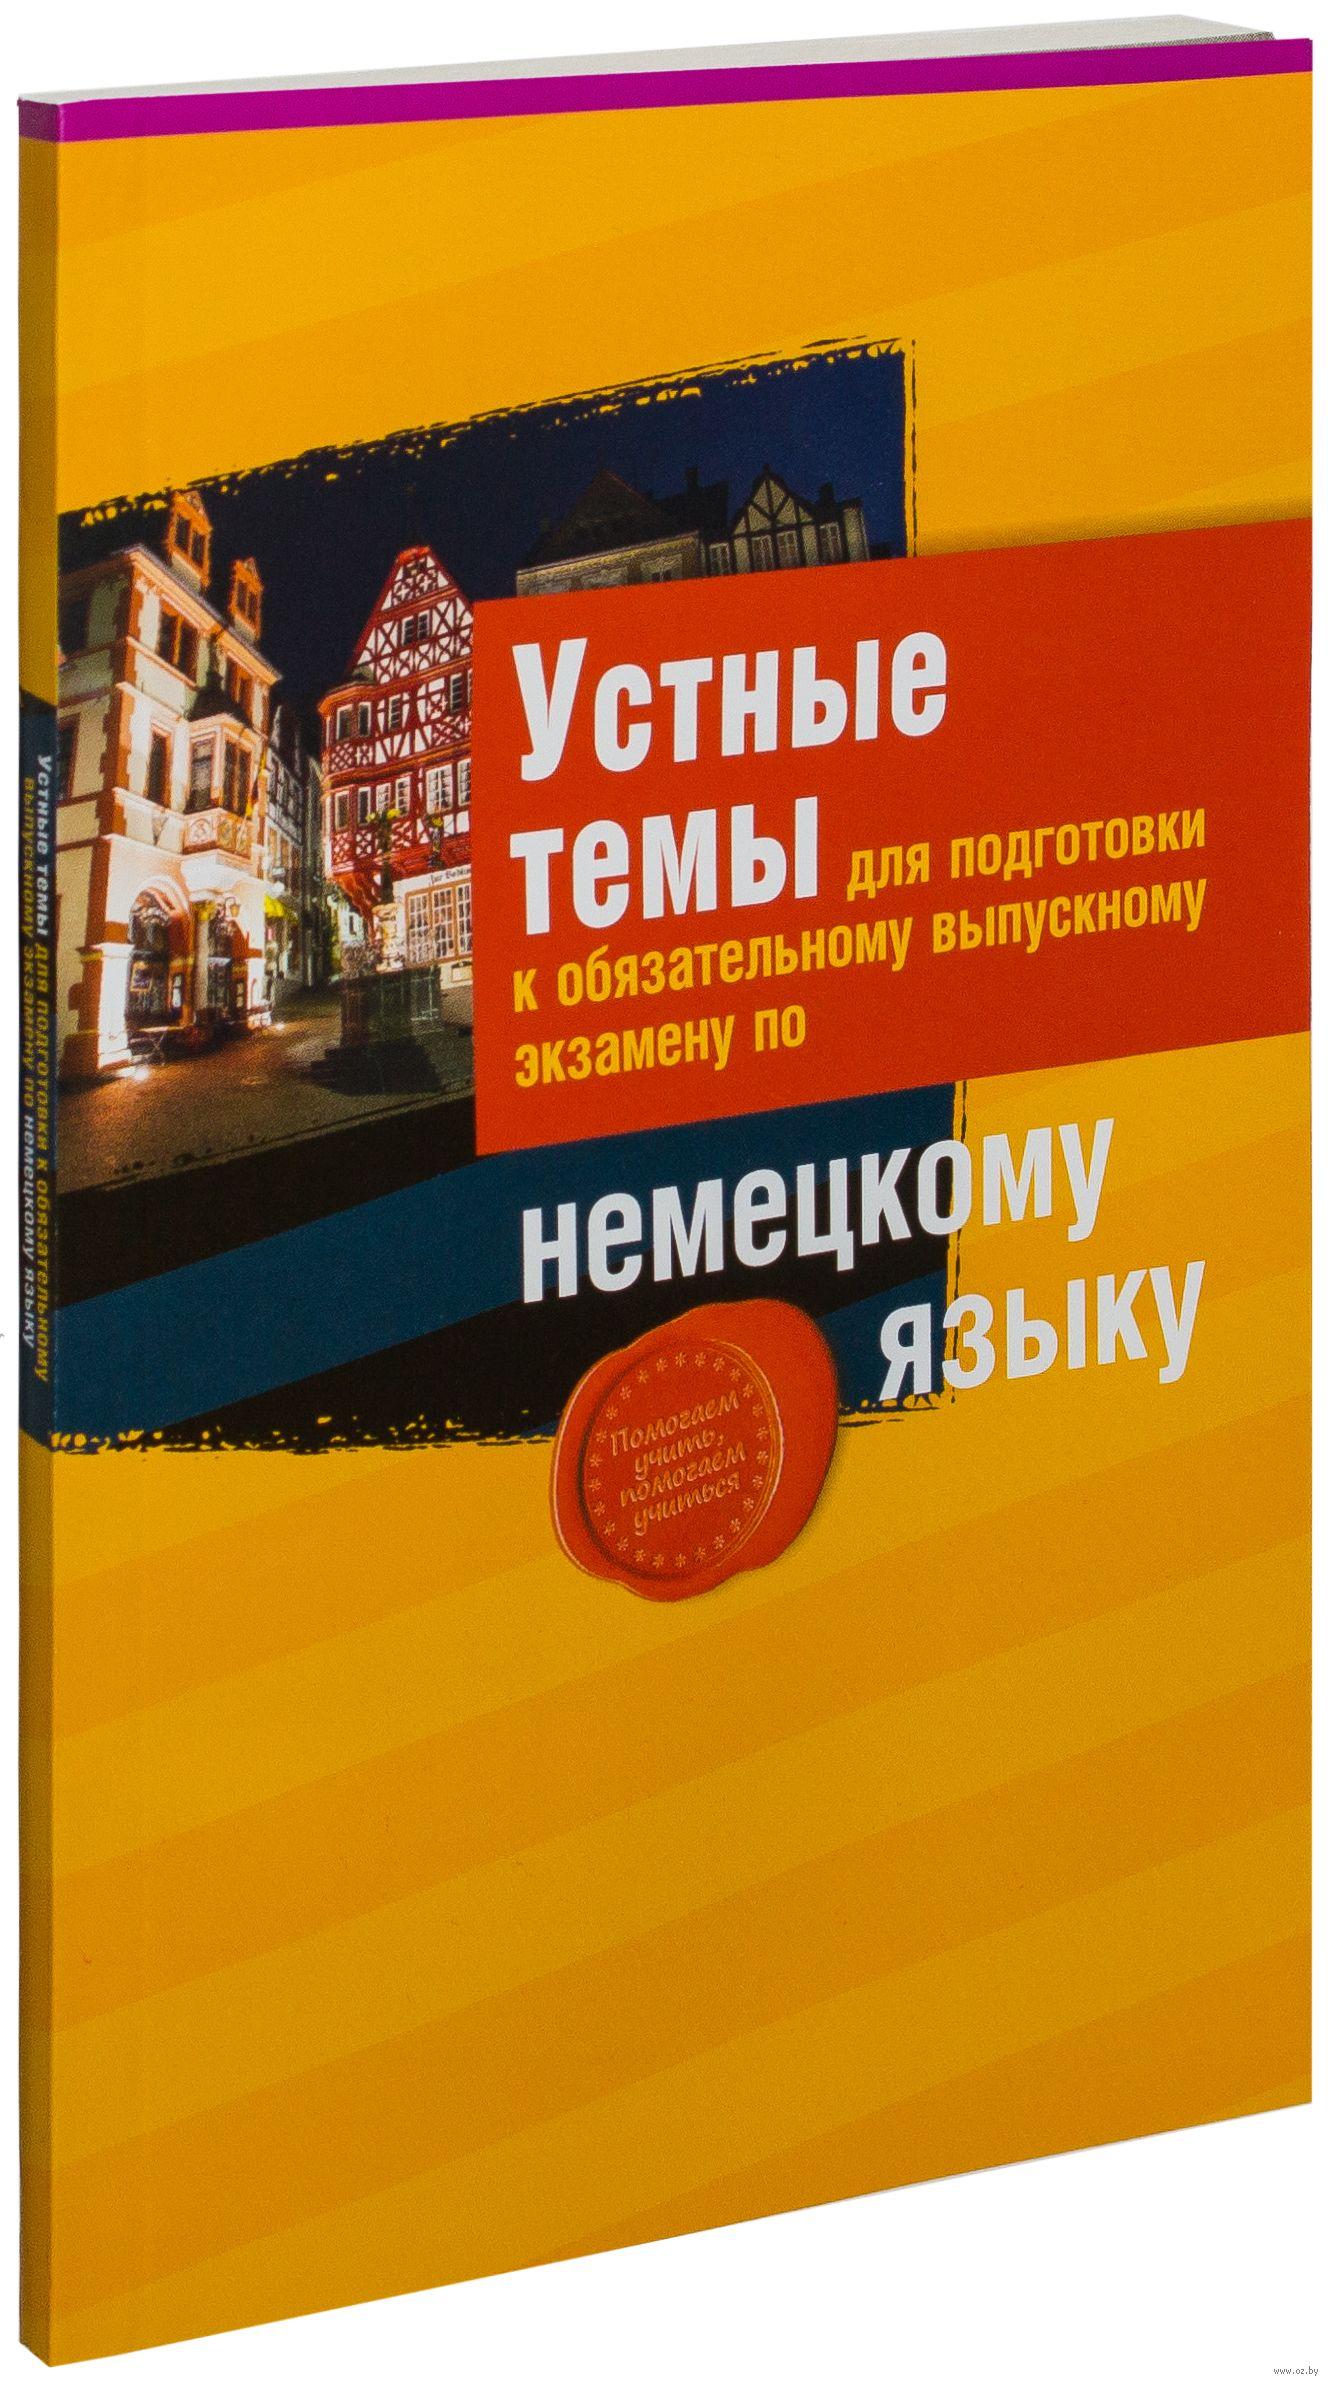 Материалы Для Подготовки К Обязательному Экзамену По Немецкому Языку Решебник